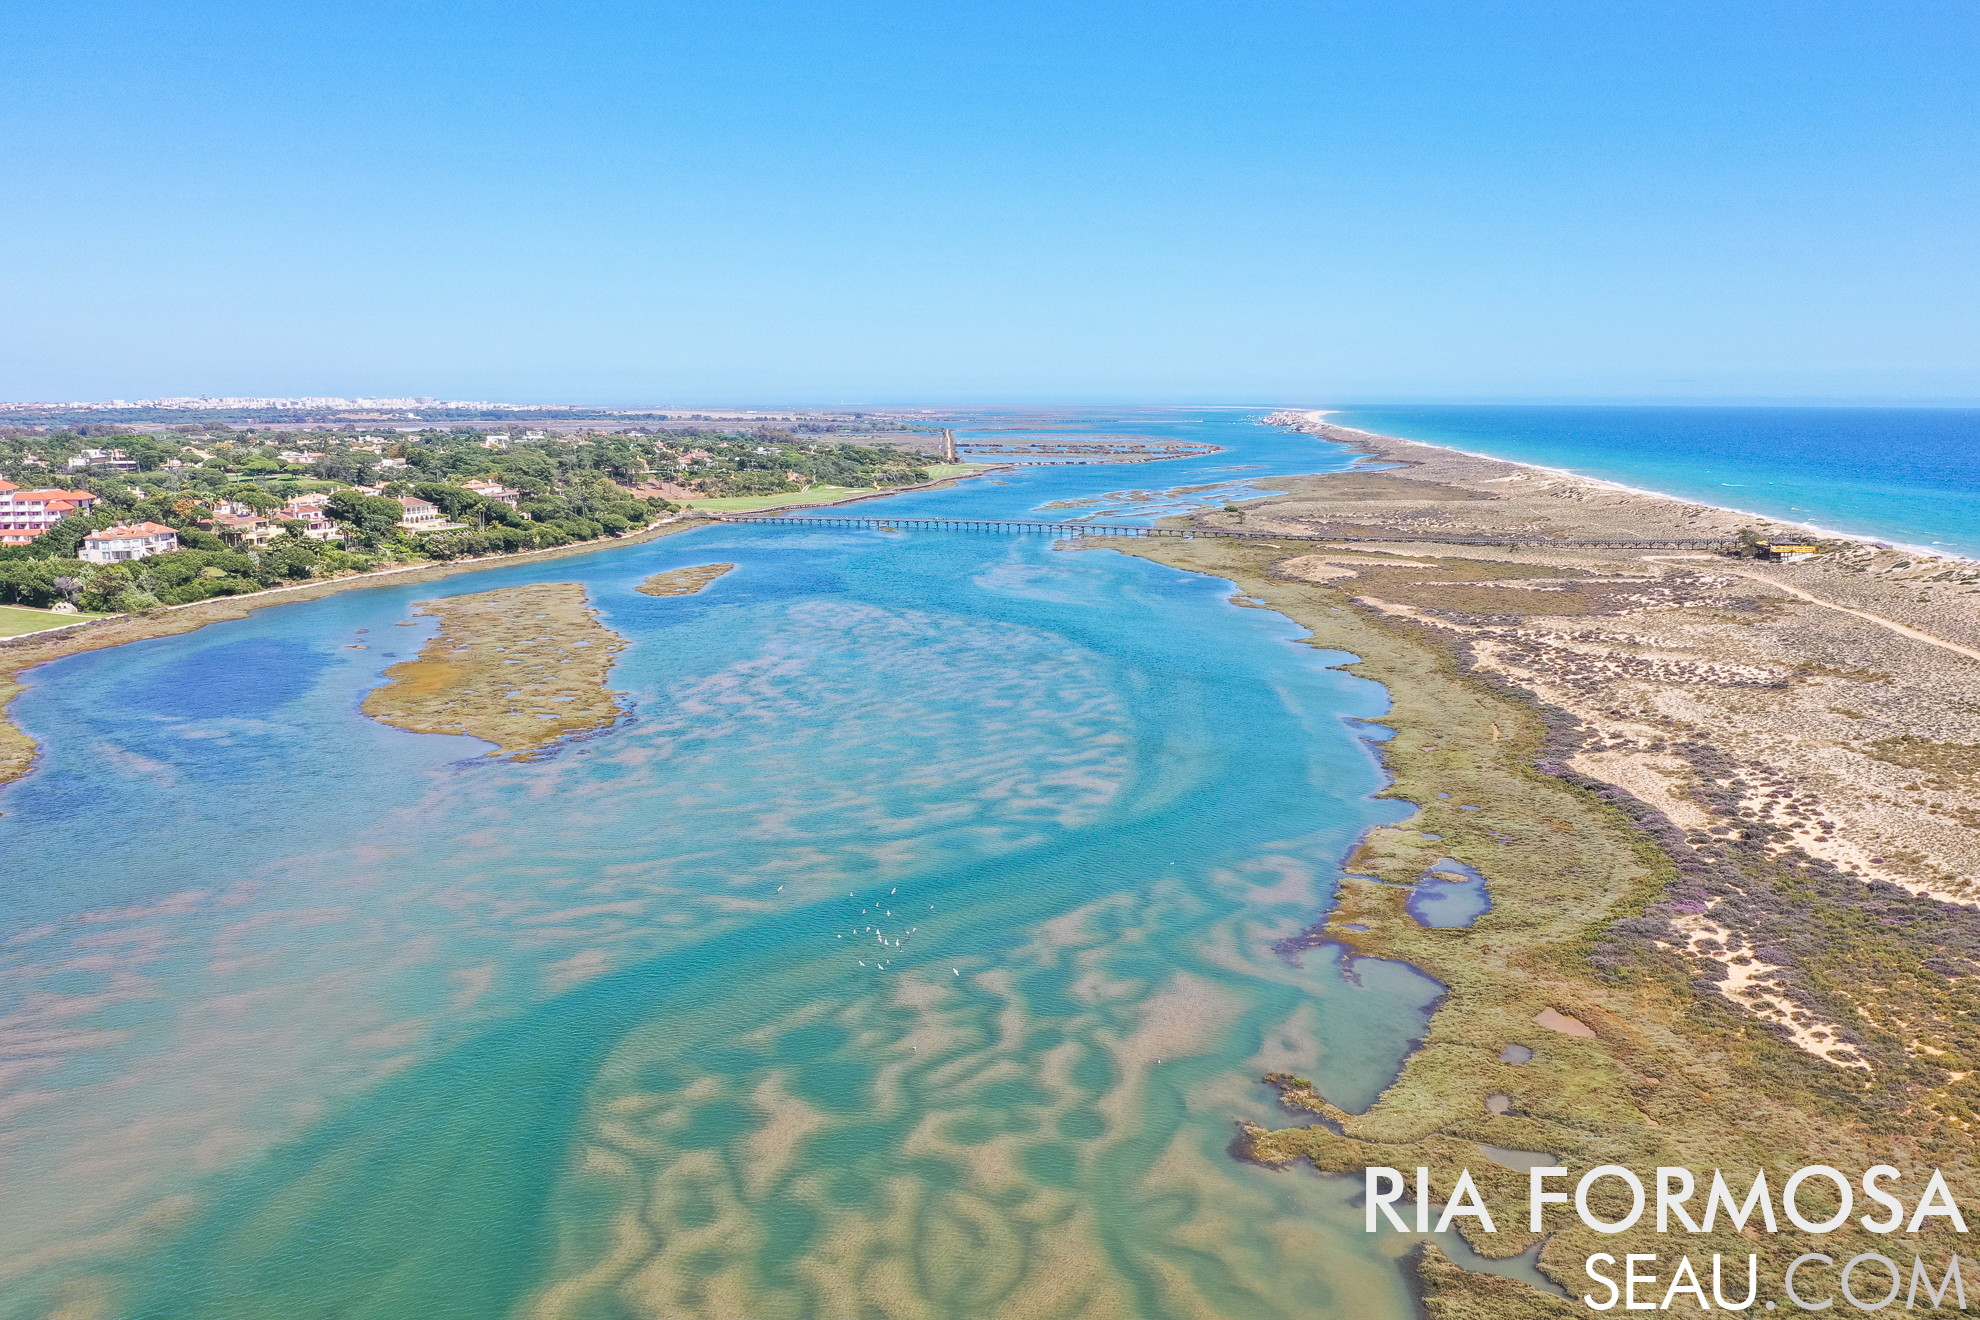 Ria Formosa frente à Quinta do Lago, com a ponte que liga o resort até à praia